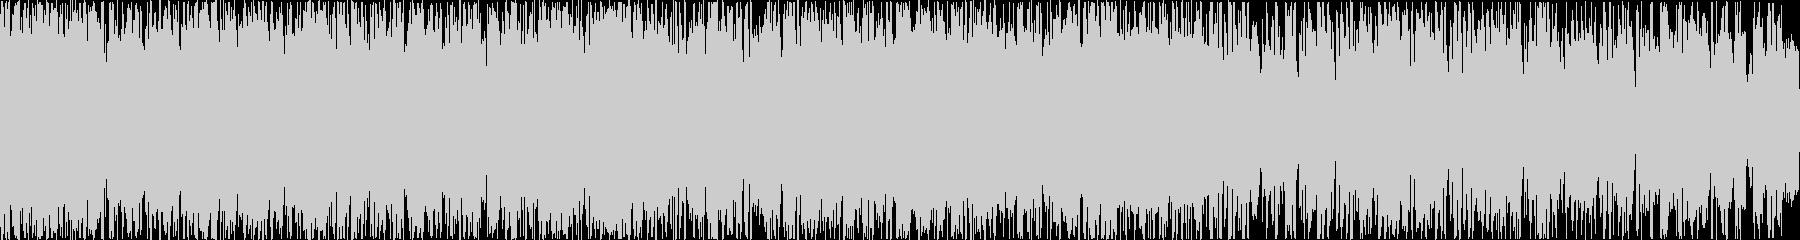 シンプル、シネマティック、エレクトロ、Lの未再生の波形